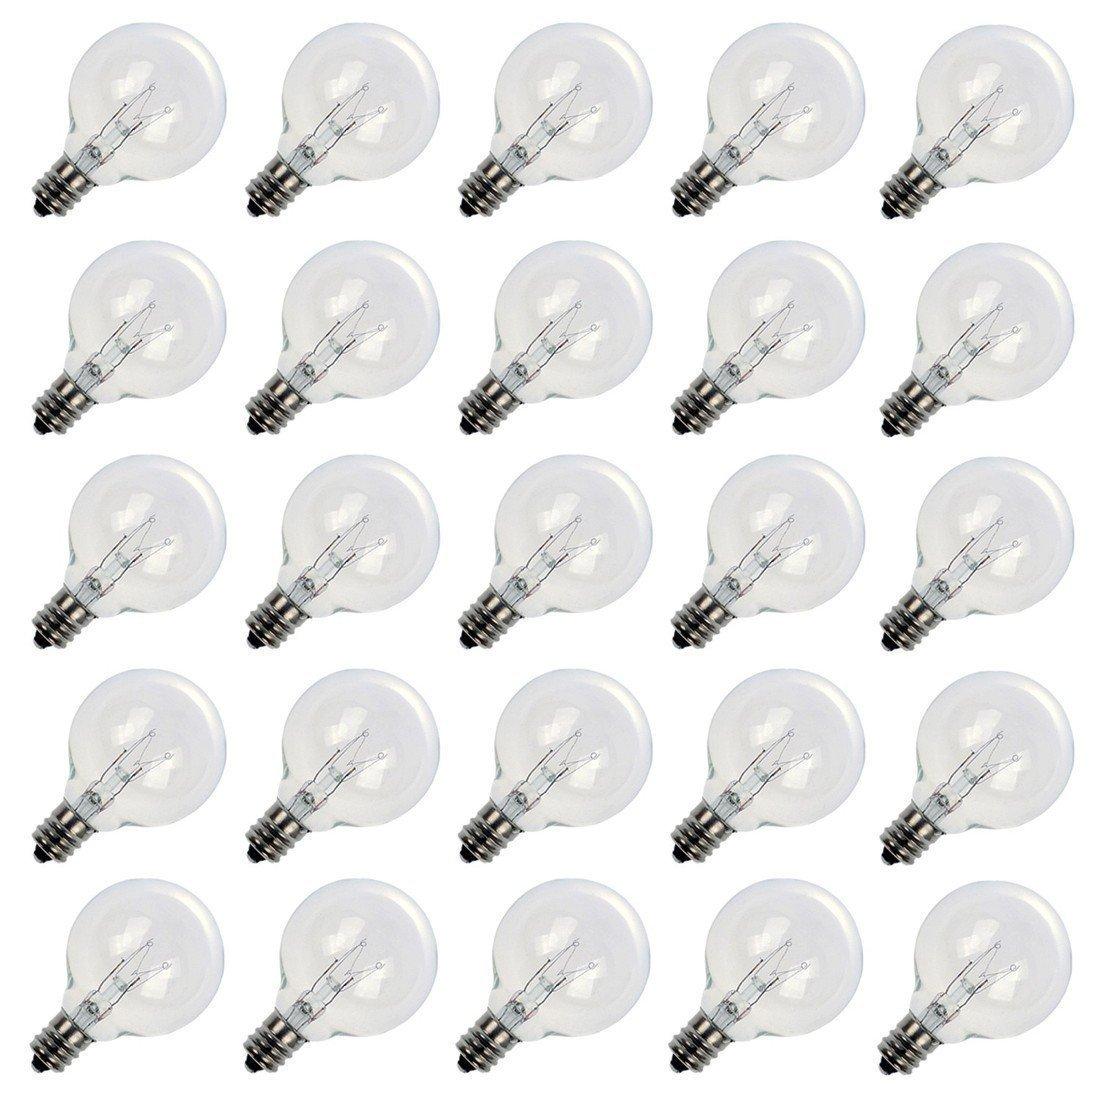 Clear Globe G40 Screw Base Light Bulbs, 1.5-Inch, Pack of 25